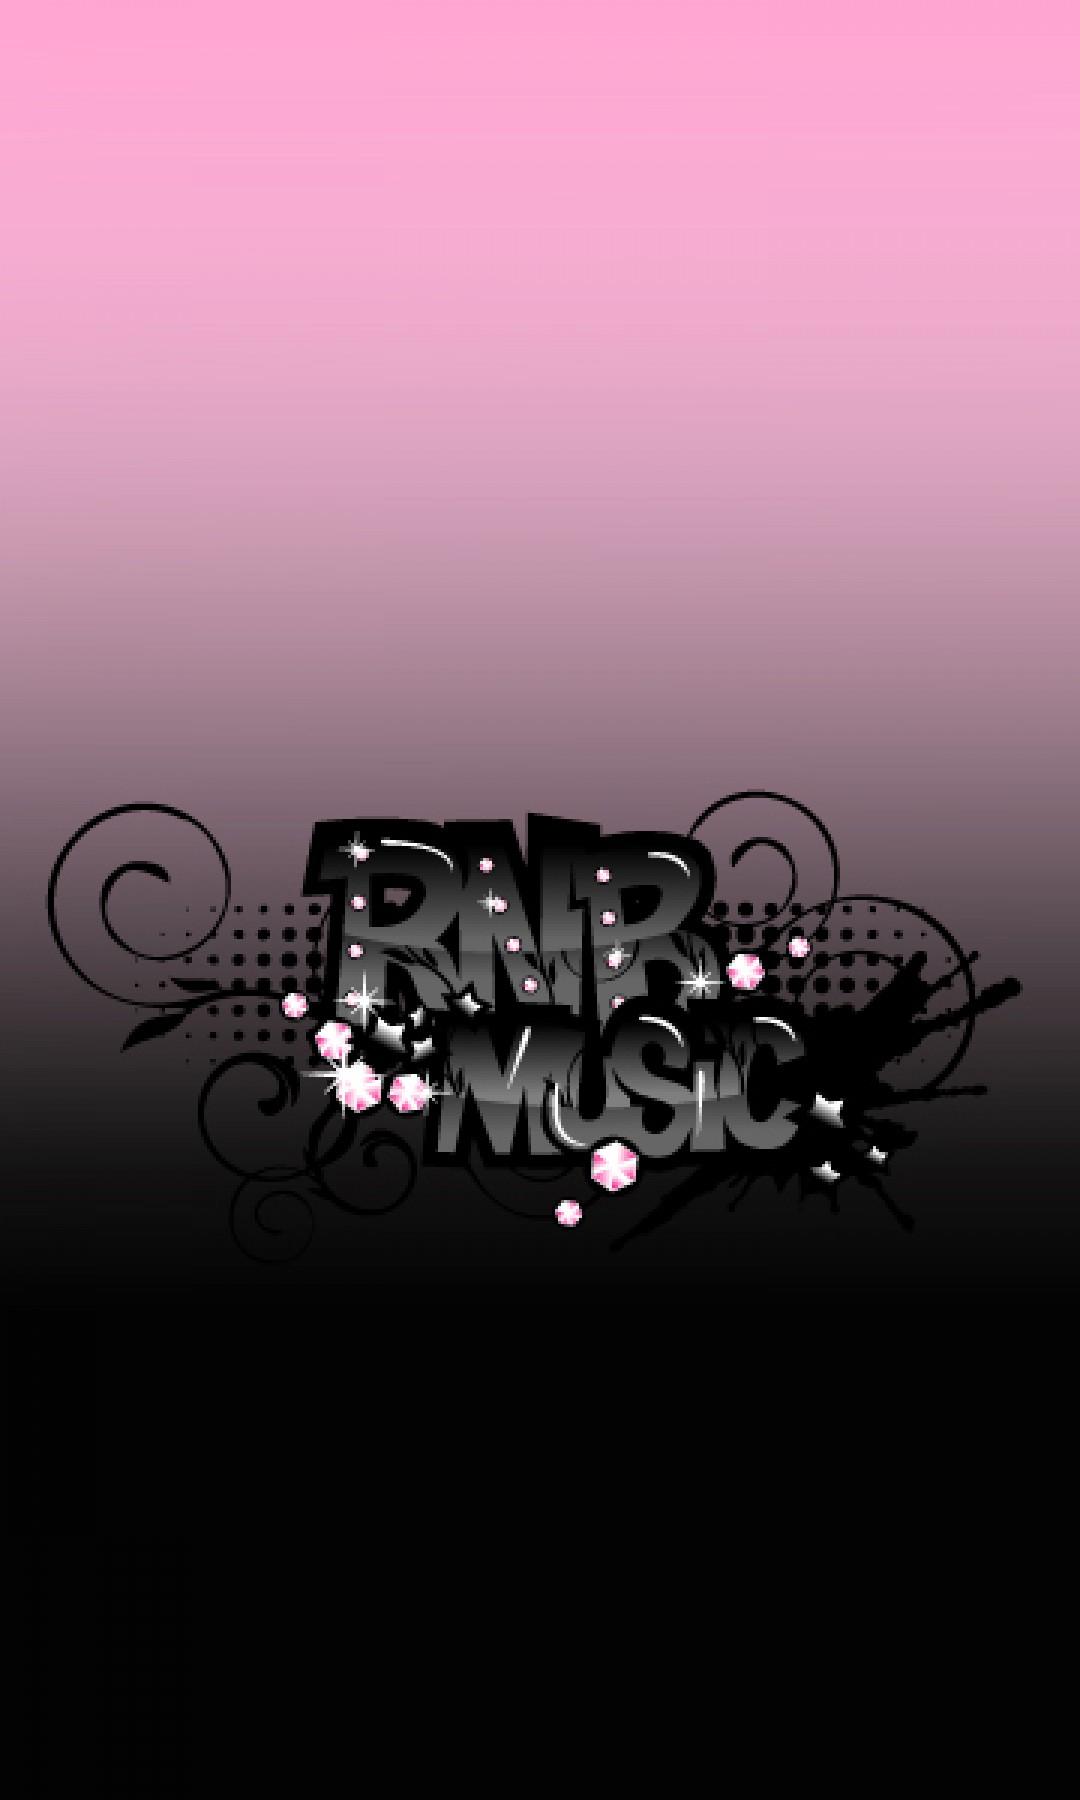 R n b music 15 фотография